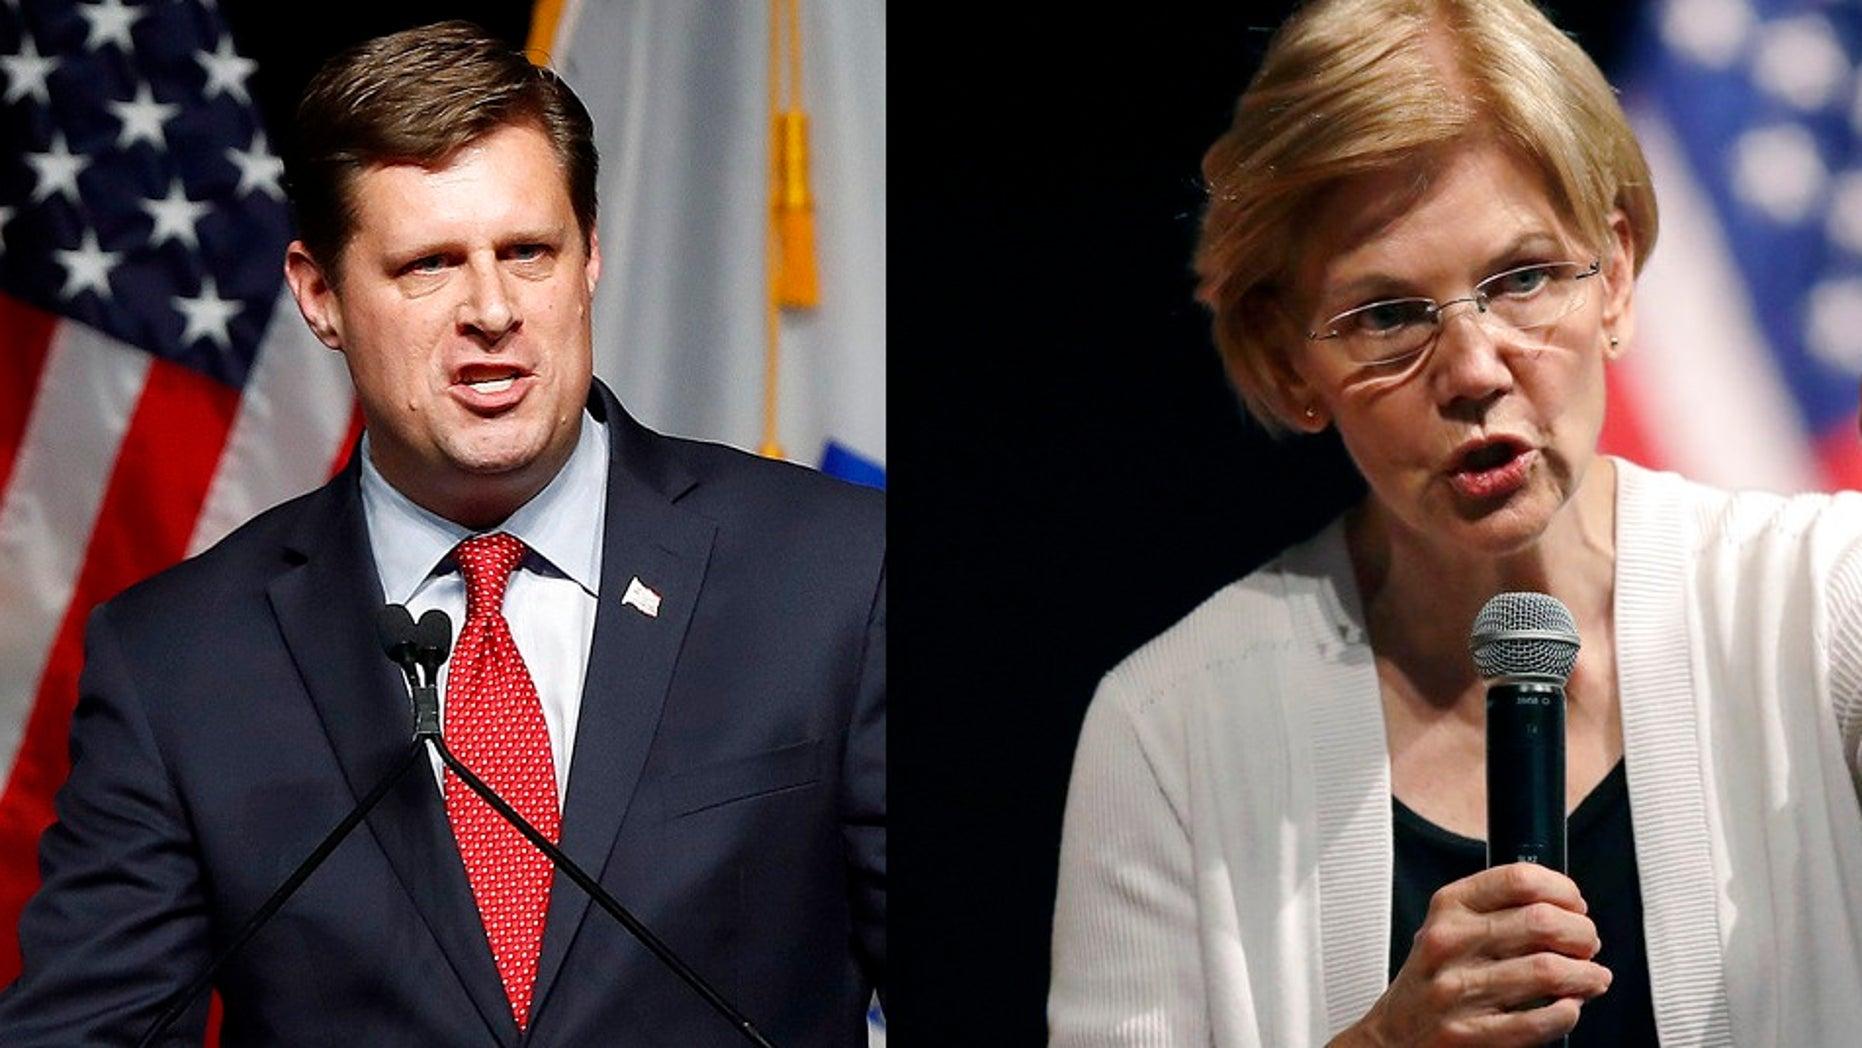 State Rep. Geoff Diehl won the primary to take on Sen. Elizabeth Warren in Massachusetts.